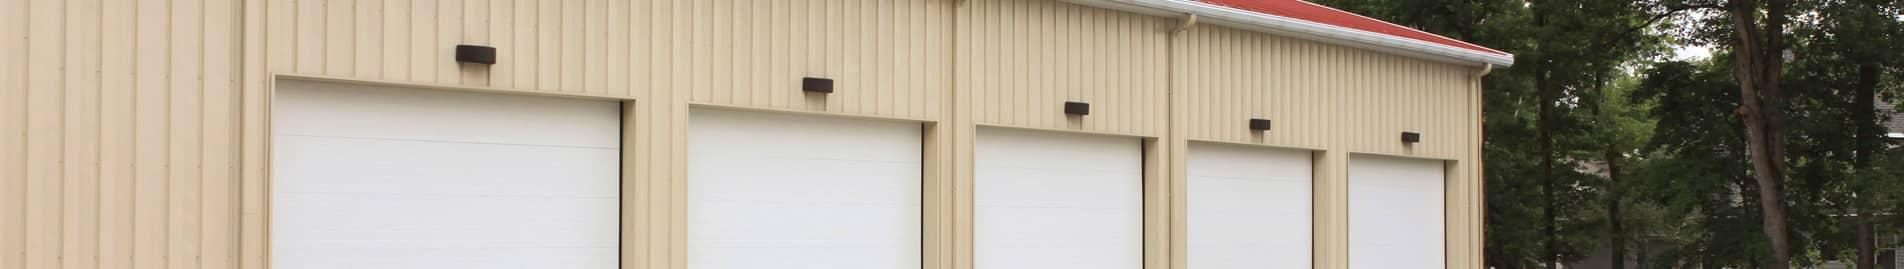 Commercial Garage Door Openers in Pinetop